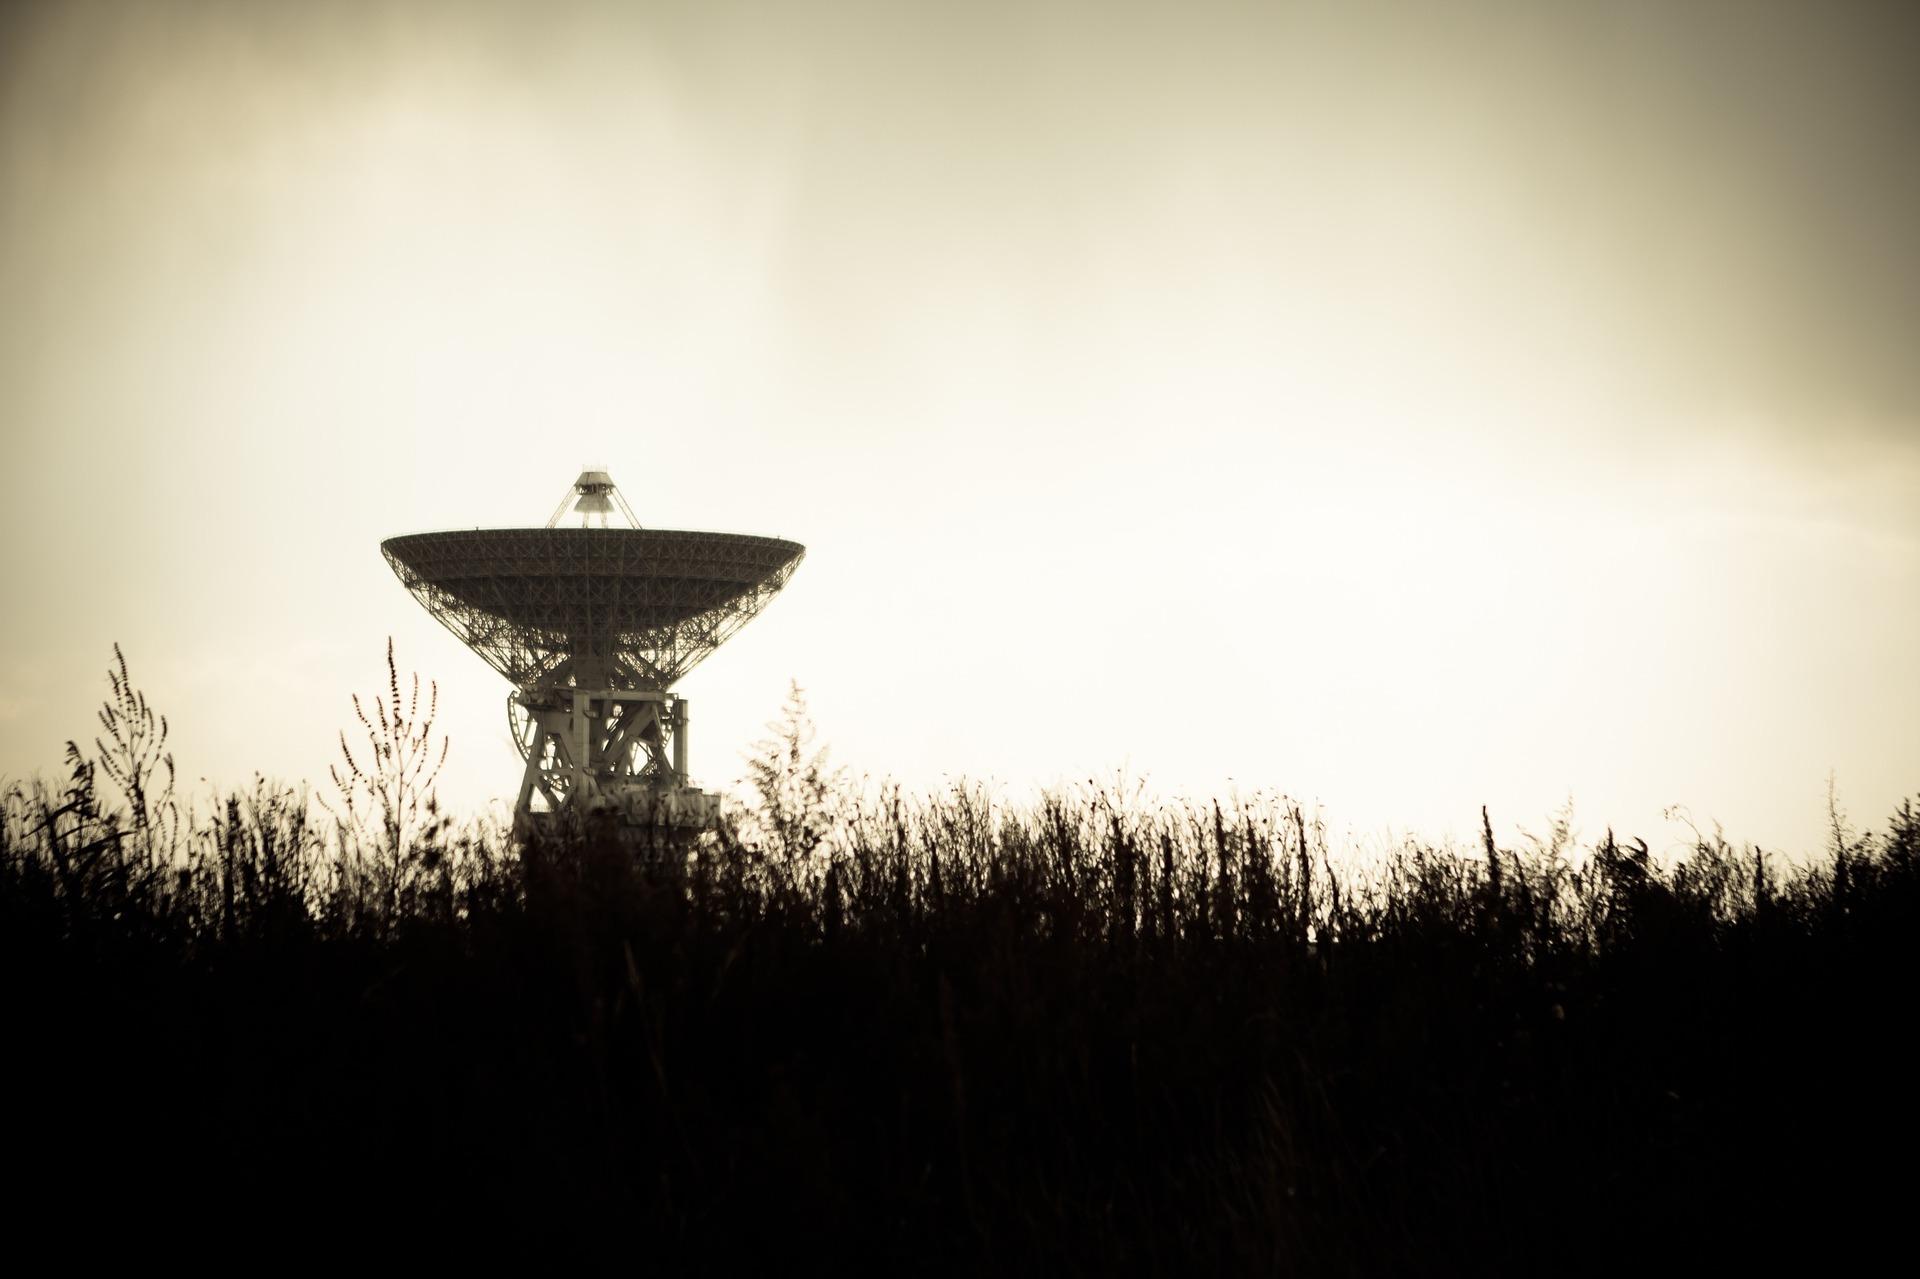 radiotelescopio, astronomía, antena, observatorio, investigación, comunicación, astrofísica, antena parabólica - Fondos de Pantalla HD - professor-falken.com